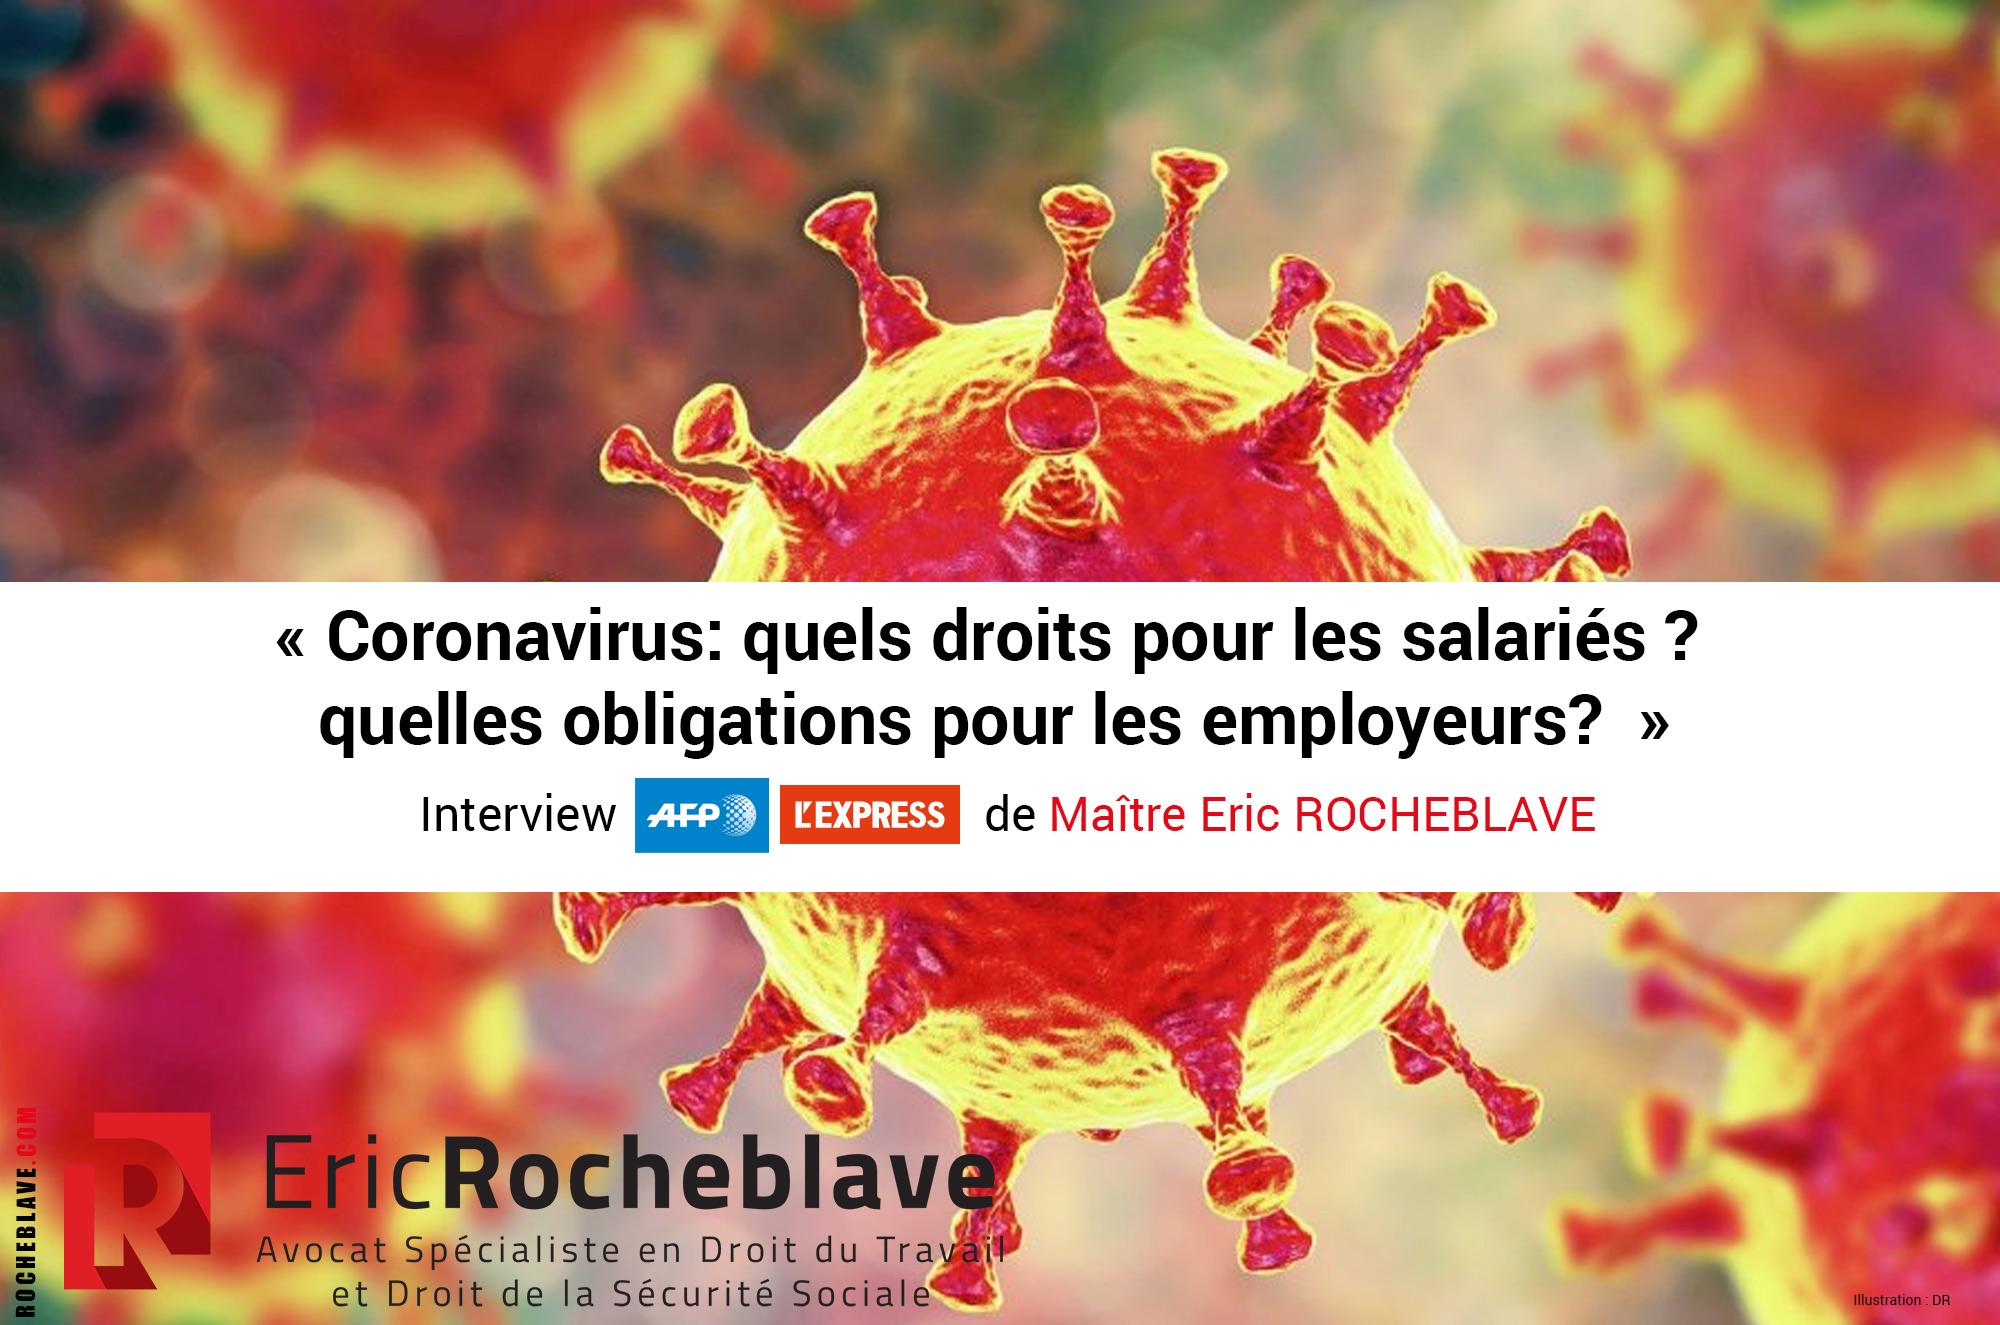 « Coronavirus : quels droits pour les salariés ? quelles obligations pour les employeurs? » Interview AFP L'EXPRESS de Maître Eric ROCHEBLAVE